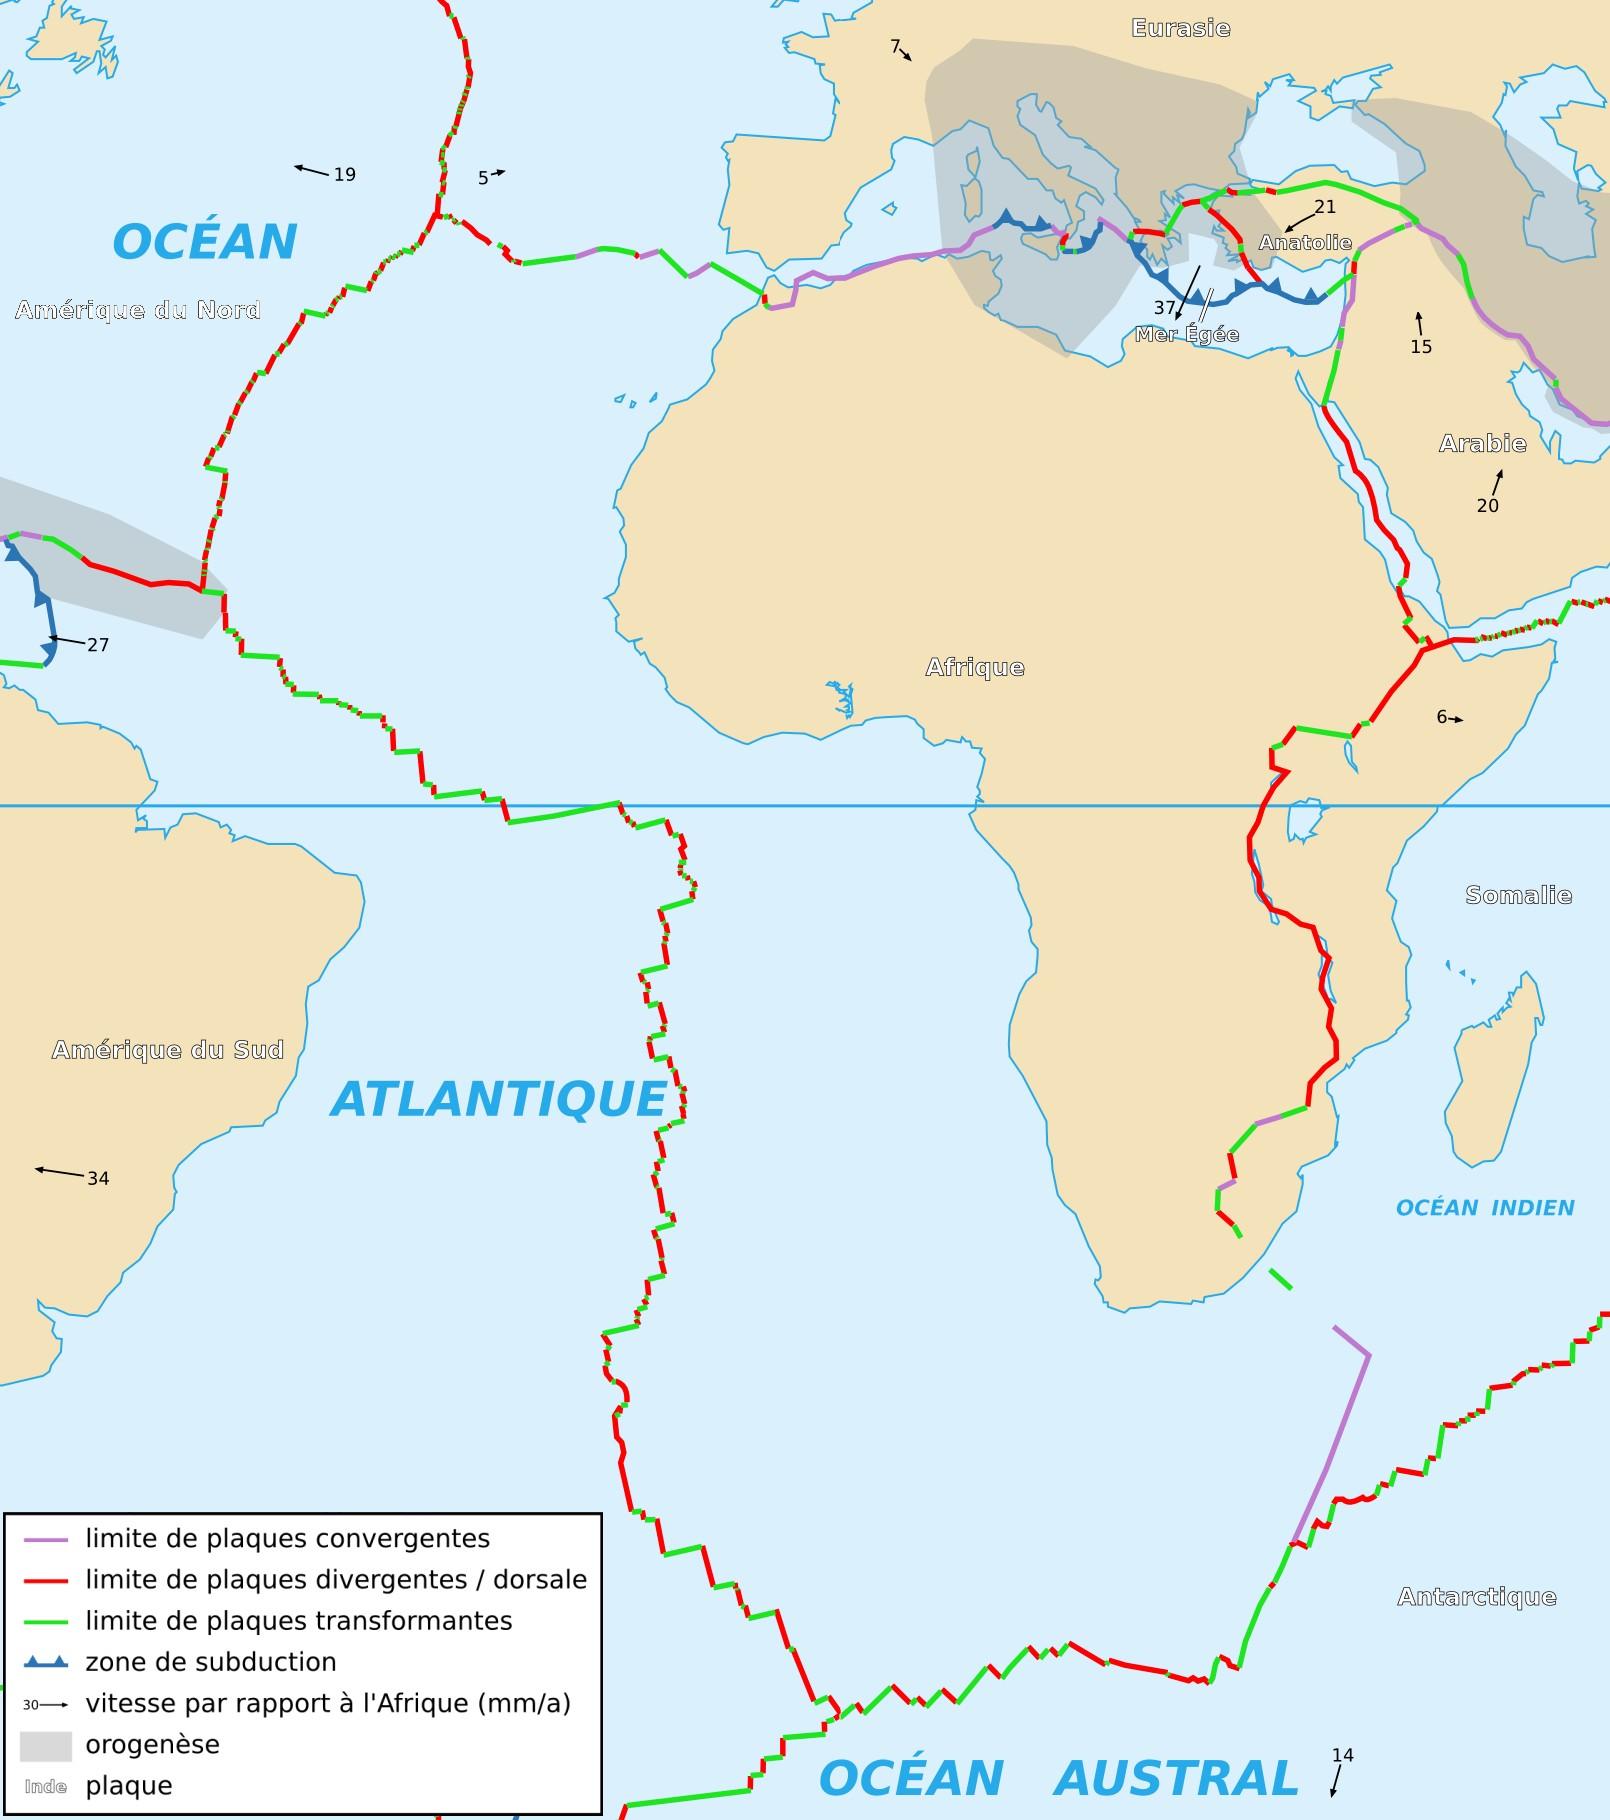 Vitesse datation Australie du Sud égyptien datant du Royaume-Uni